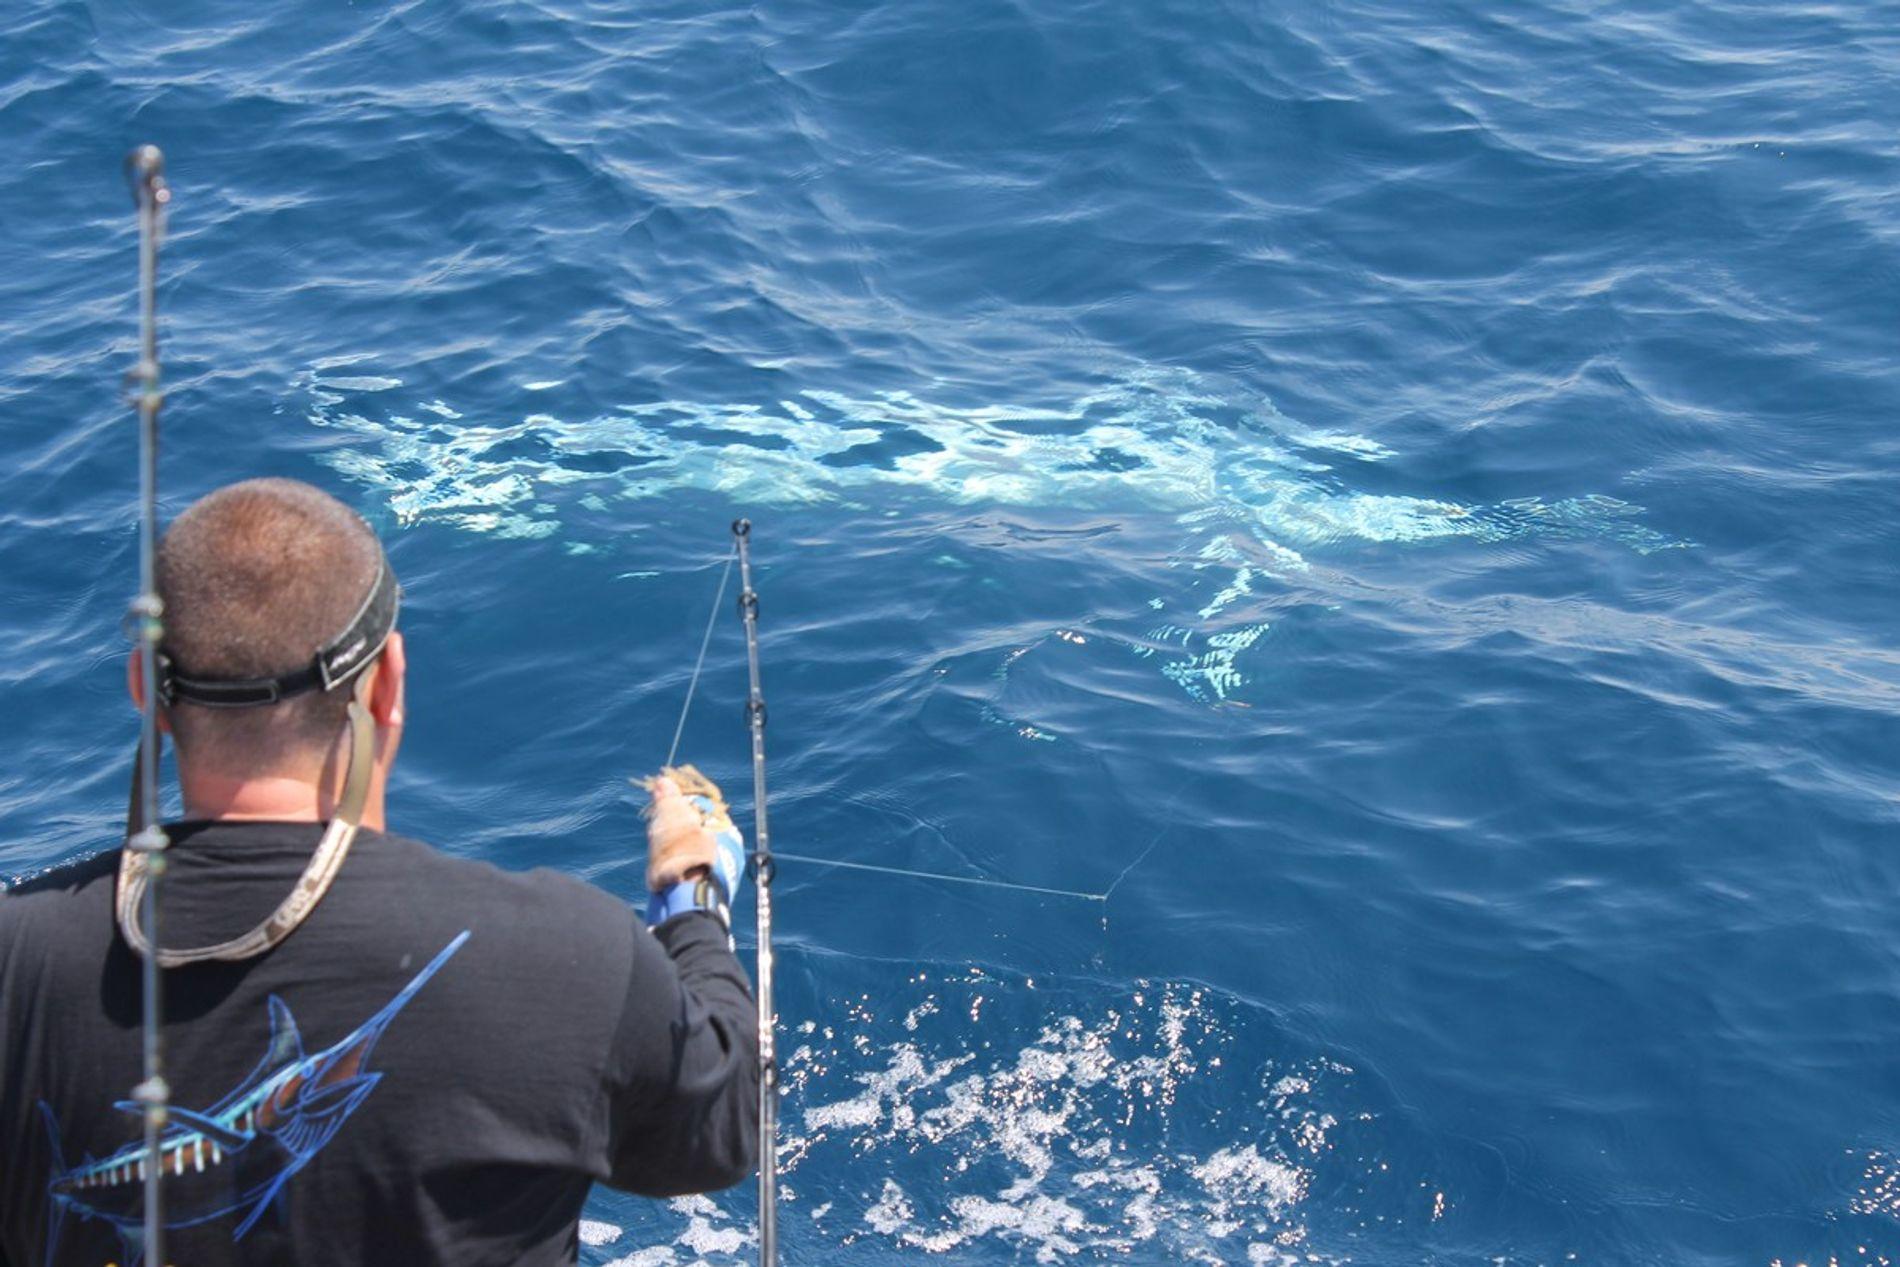 Nach seinem Fang wurde der Marlin schnell wieder freigelassen.